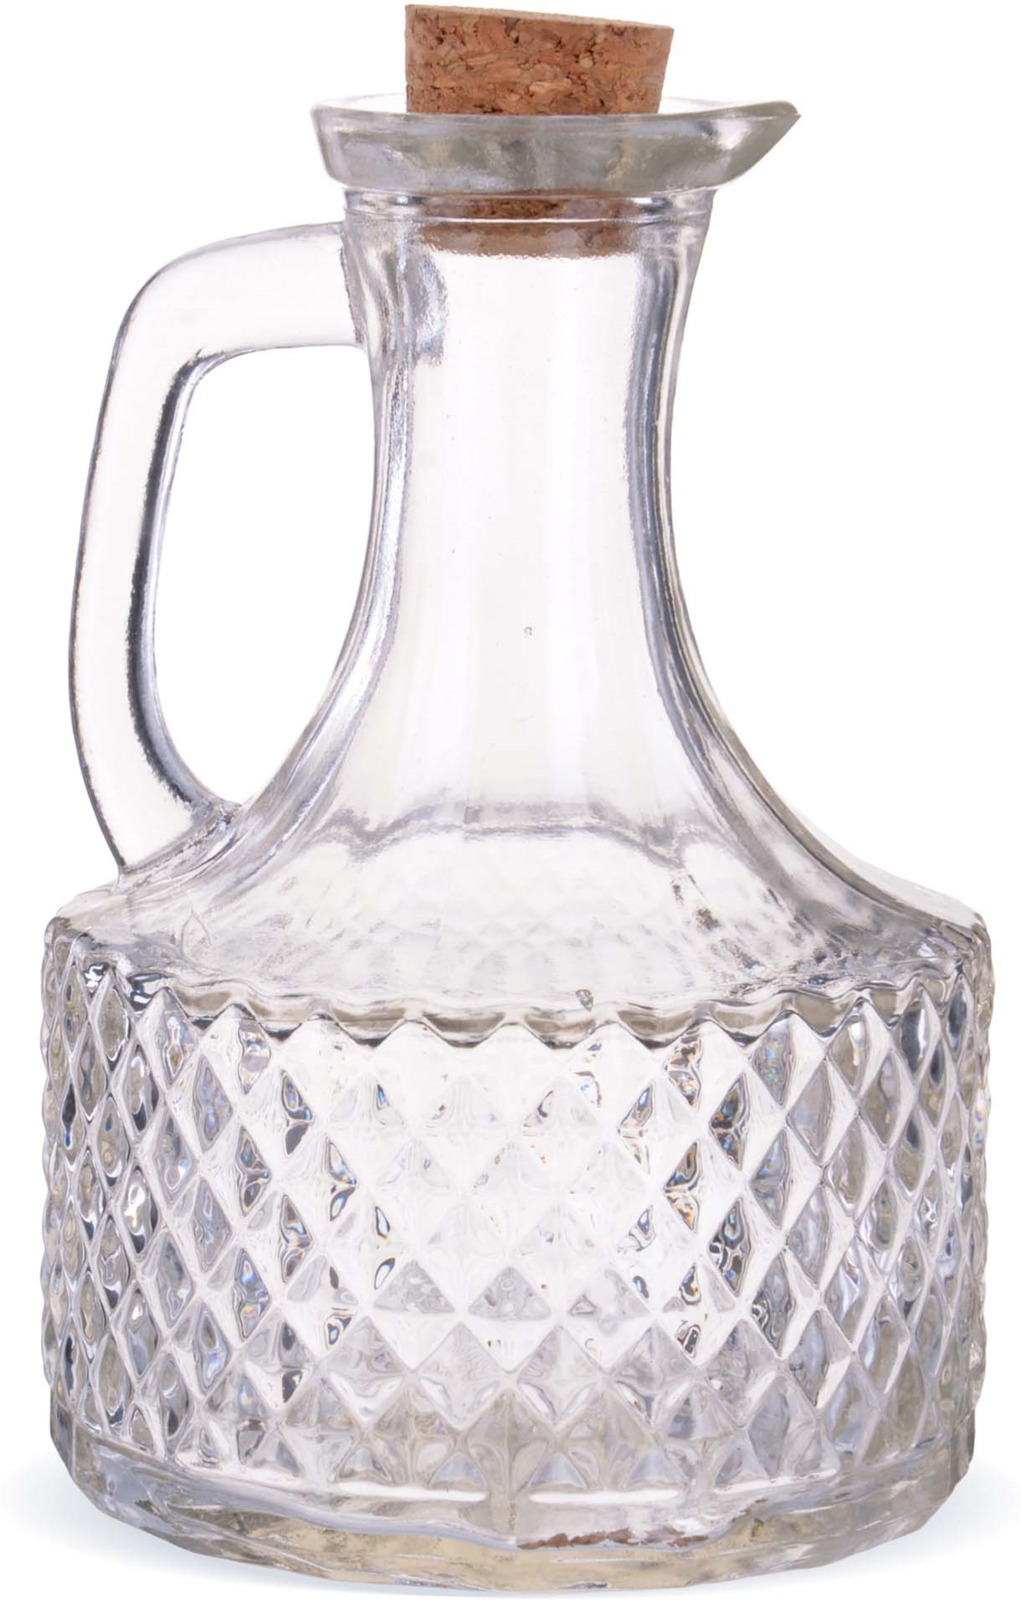 Графин Loraine выполнен из прочного высококачественного стекла. Мини графин с пробкой, благодаря компактным размерам найдет применение на любой, даже самой маленькой кухне. Посуда обладает гладкой непористой поверхностью, не впитывает запахи, легко моется.